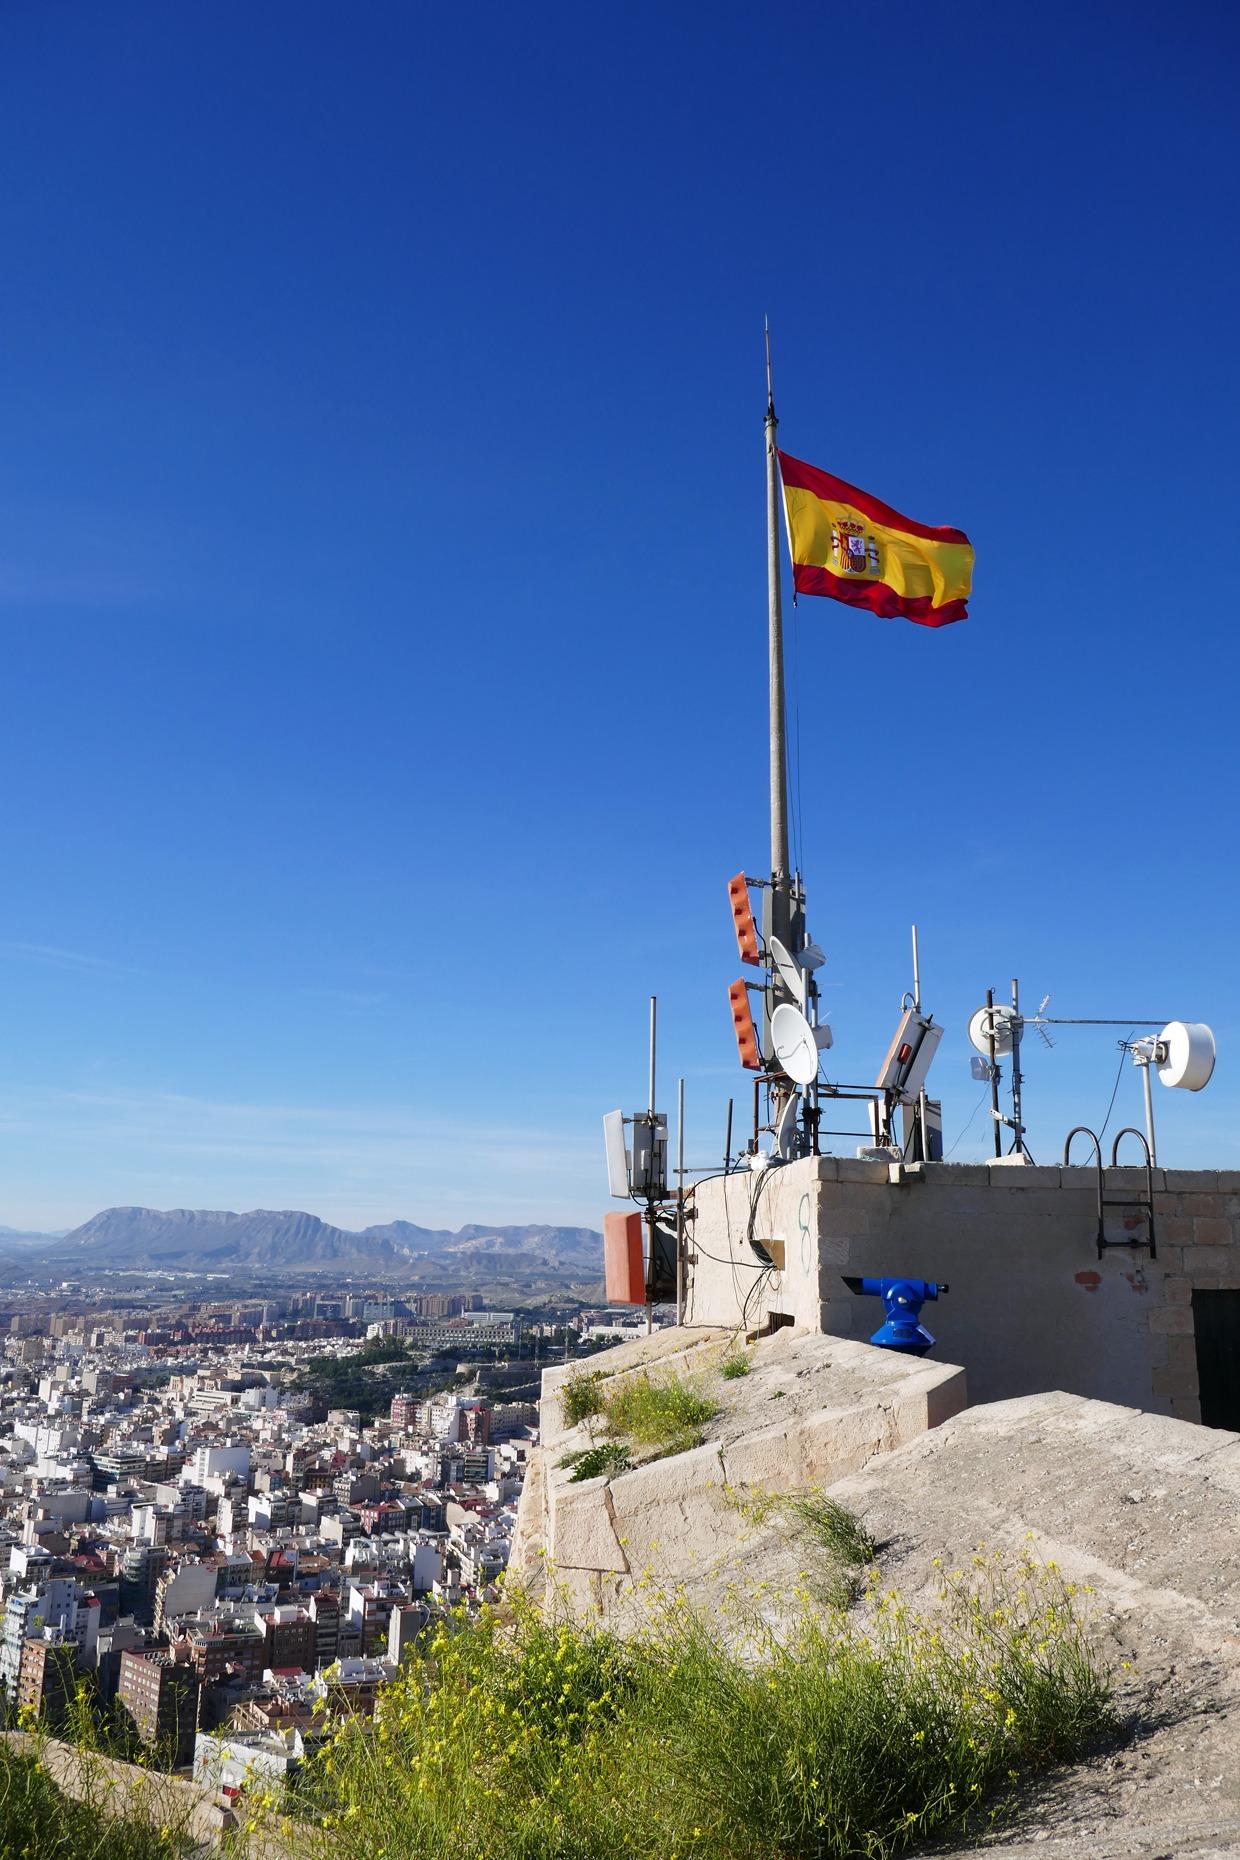 Espanjan lippu Santa Bárbaran linnoituksella